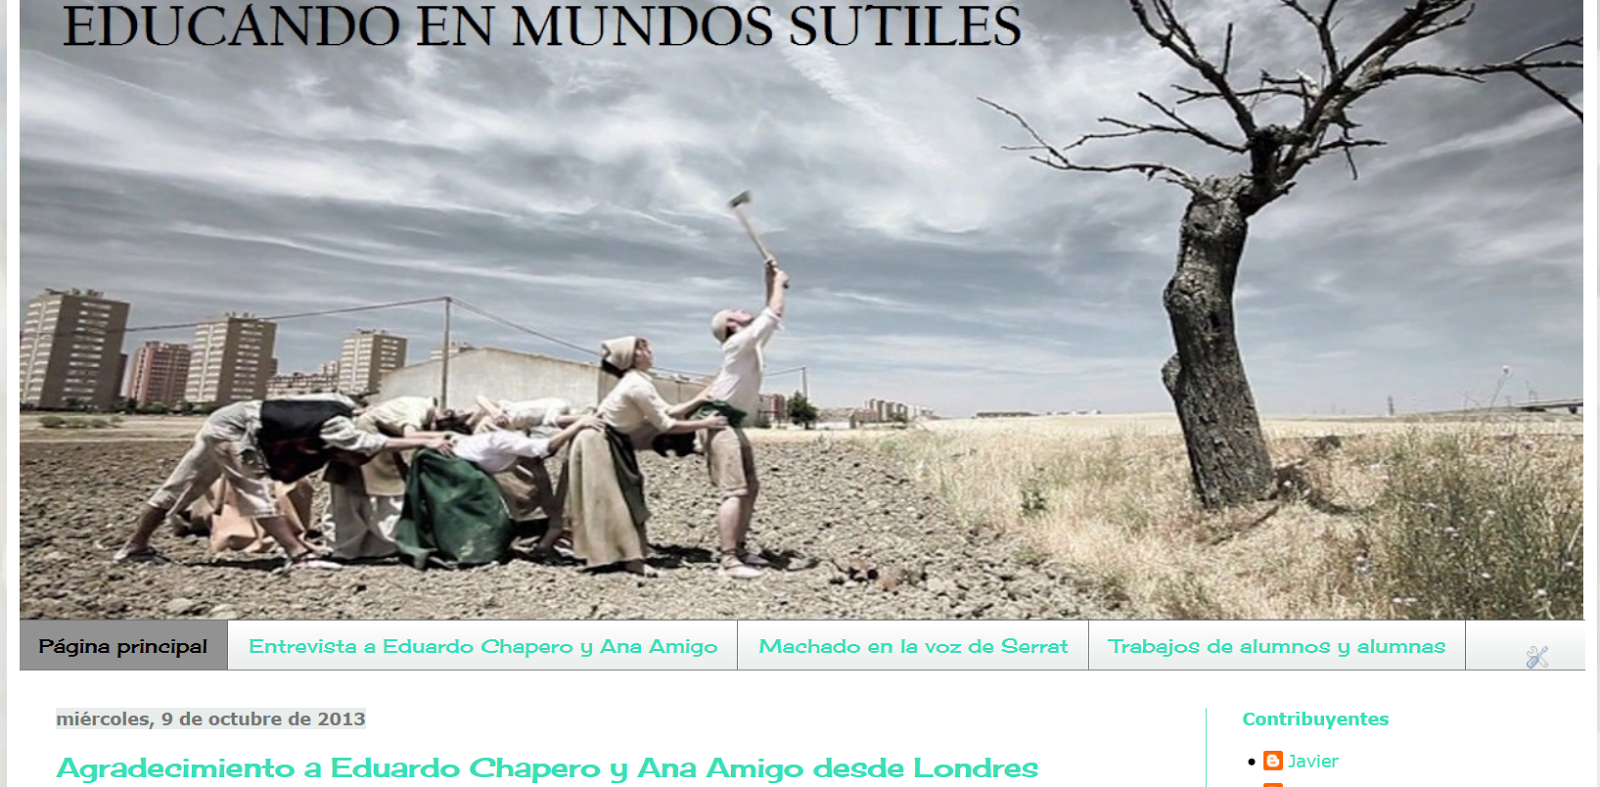 http://educandoenmundos.blogspot.com.es/